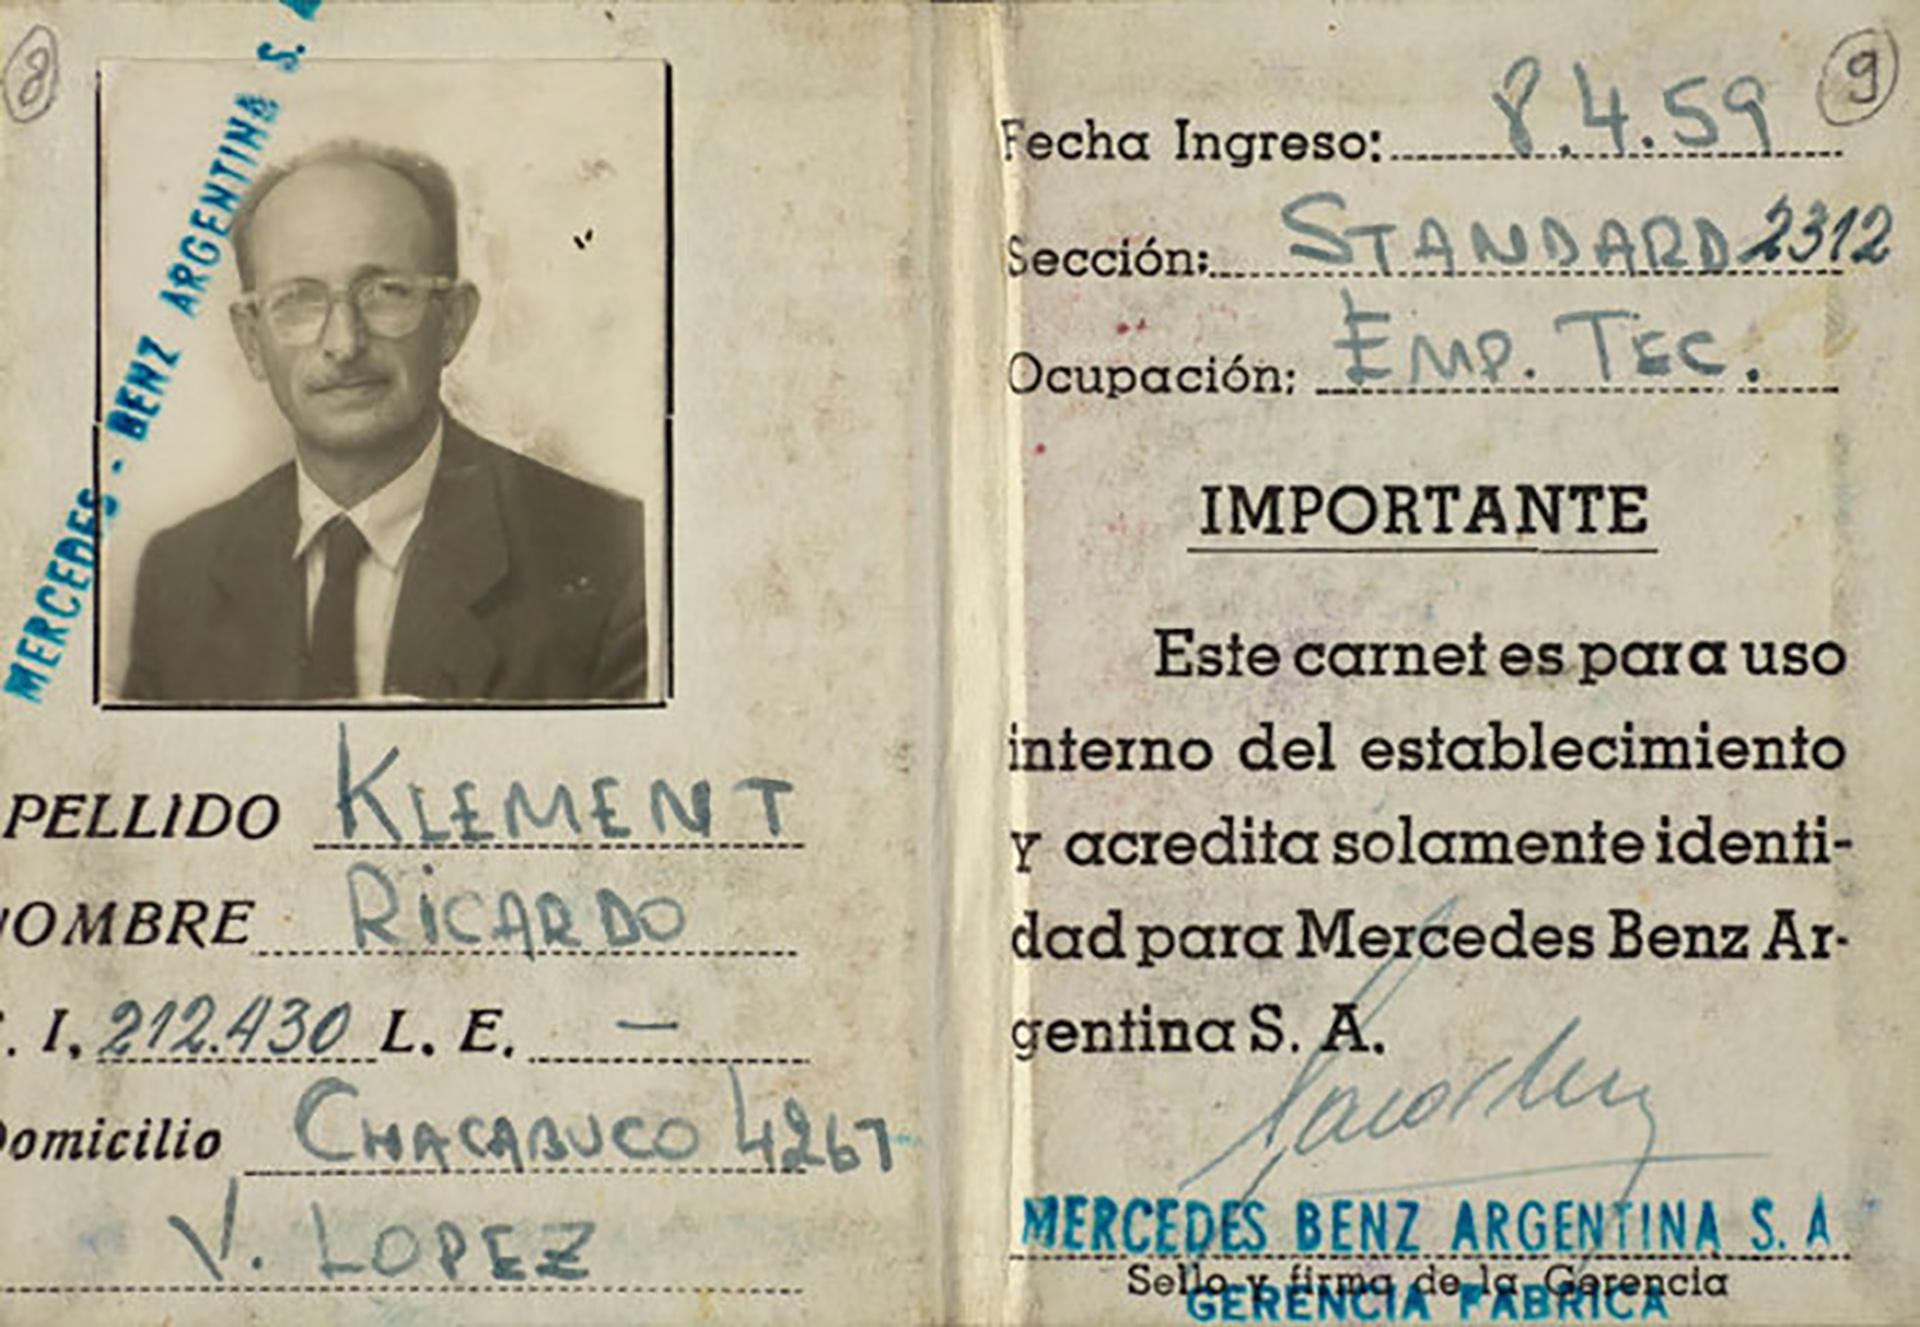 El documento que usaba Adolf Eichmann en la Argentina. Su nombre: Ricardo Klement (Yad Vashem)